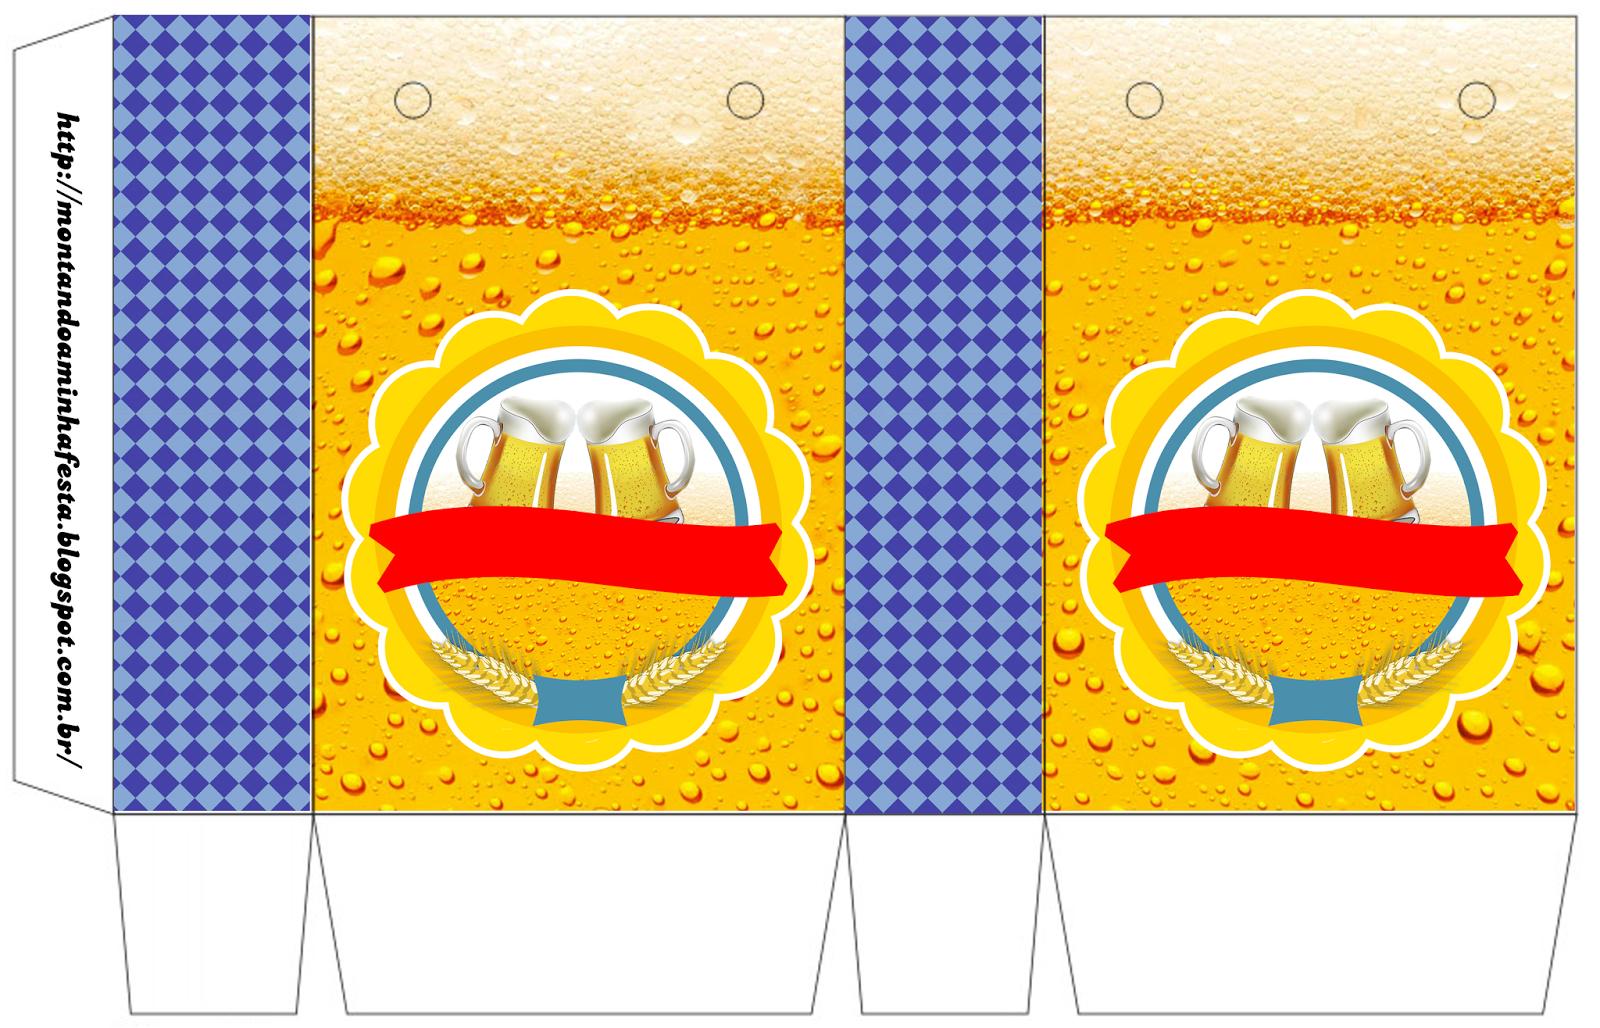 Cerveza 2 otro diseño